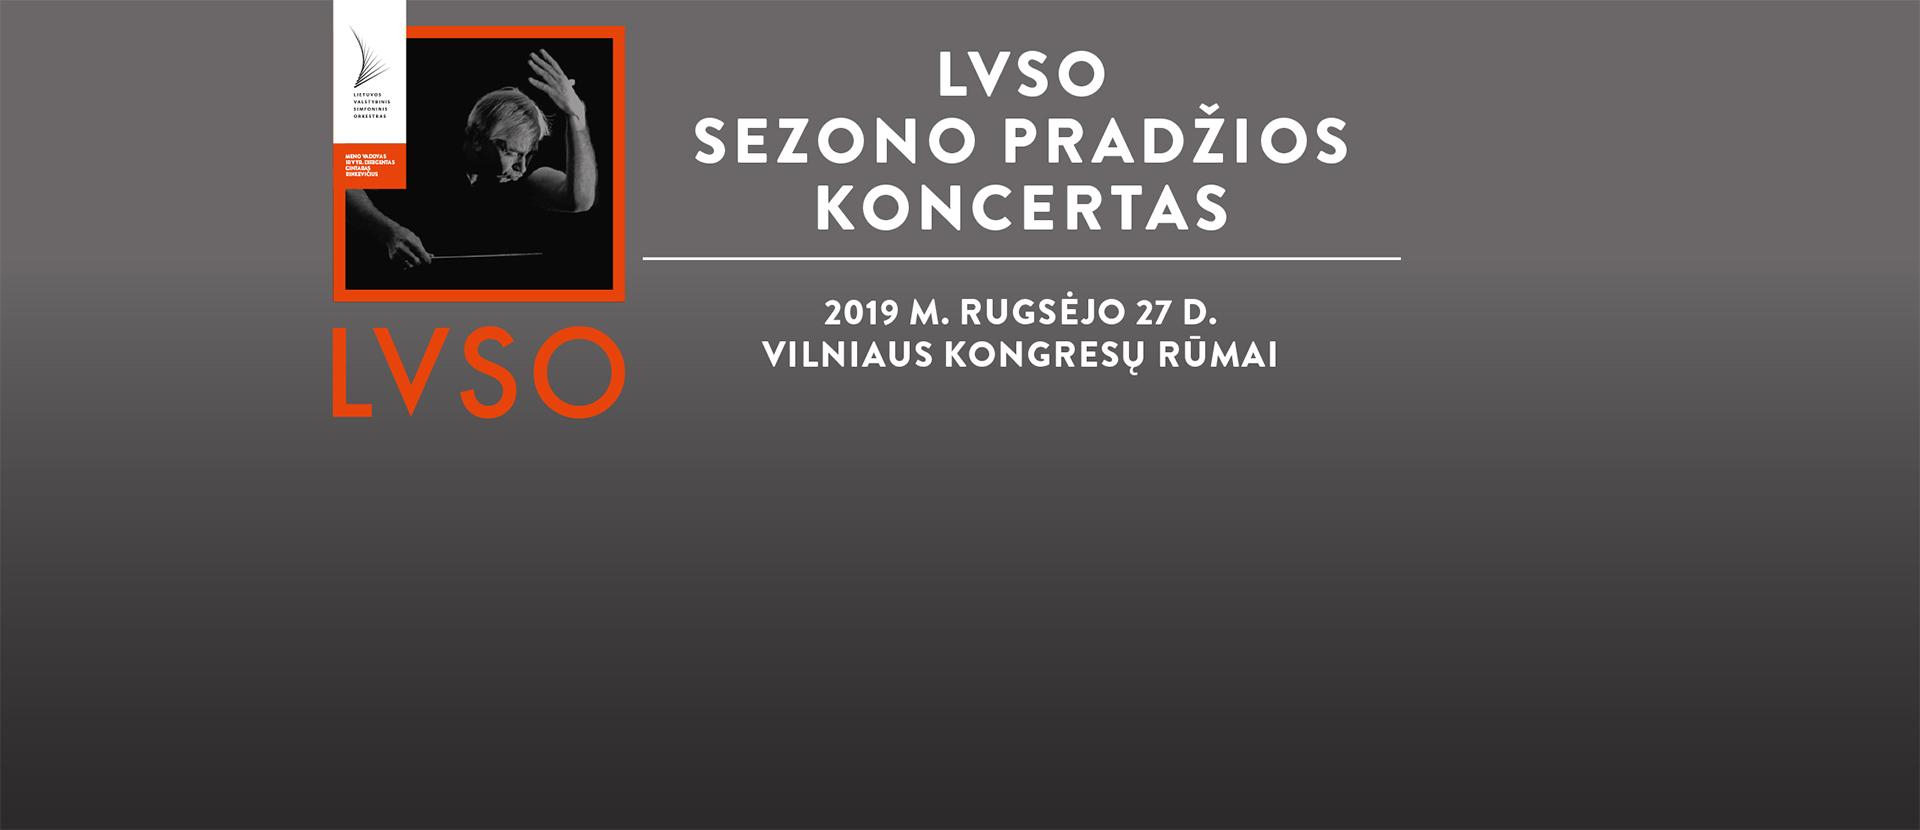 LVSO I SEZONO PRADŽIOS KONCERTAS